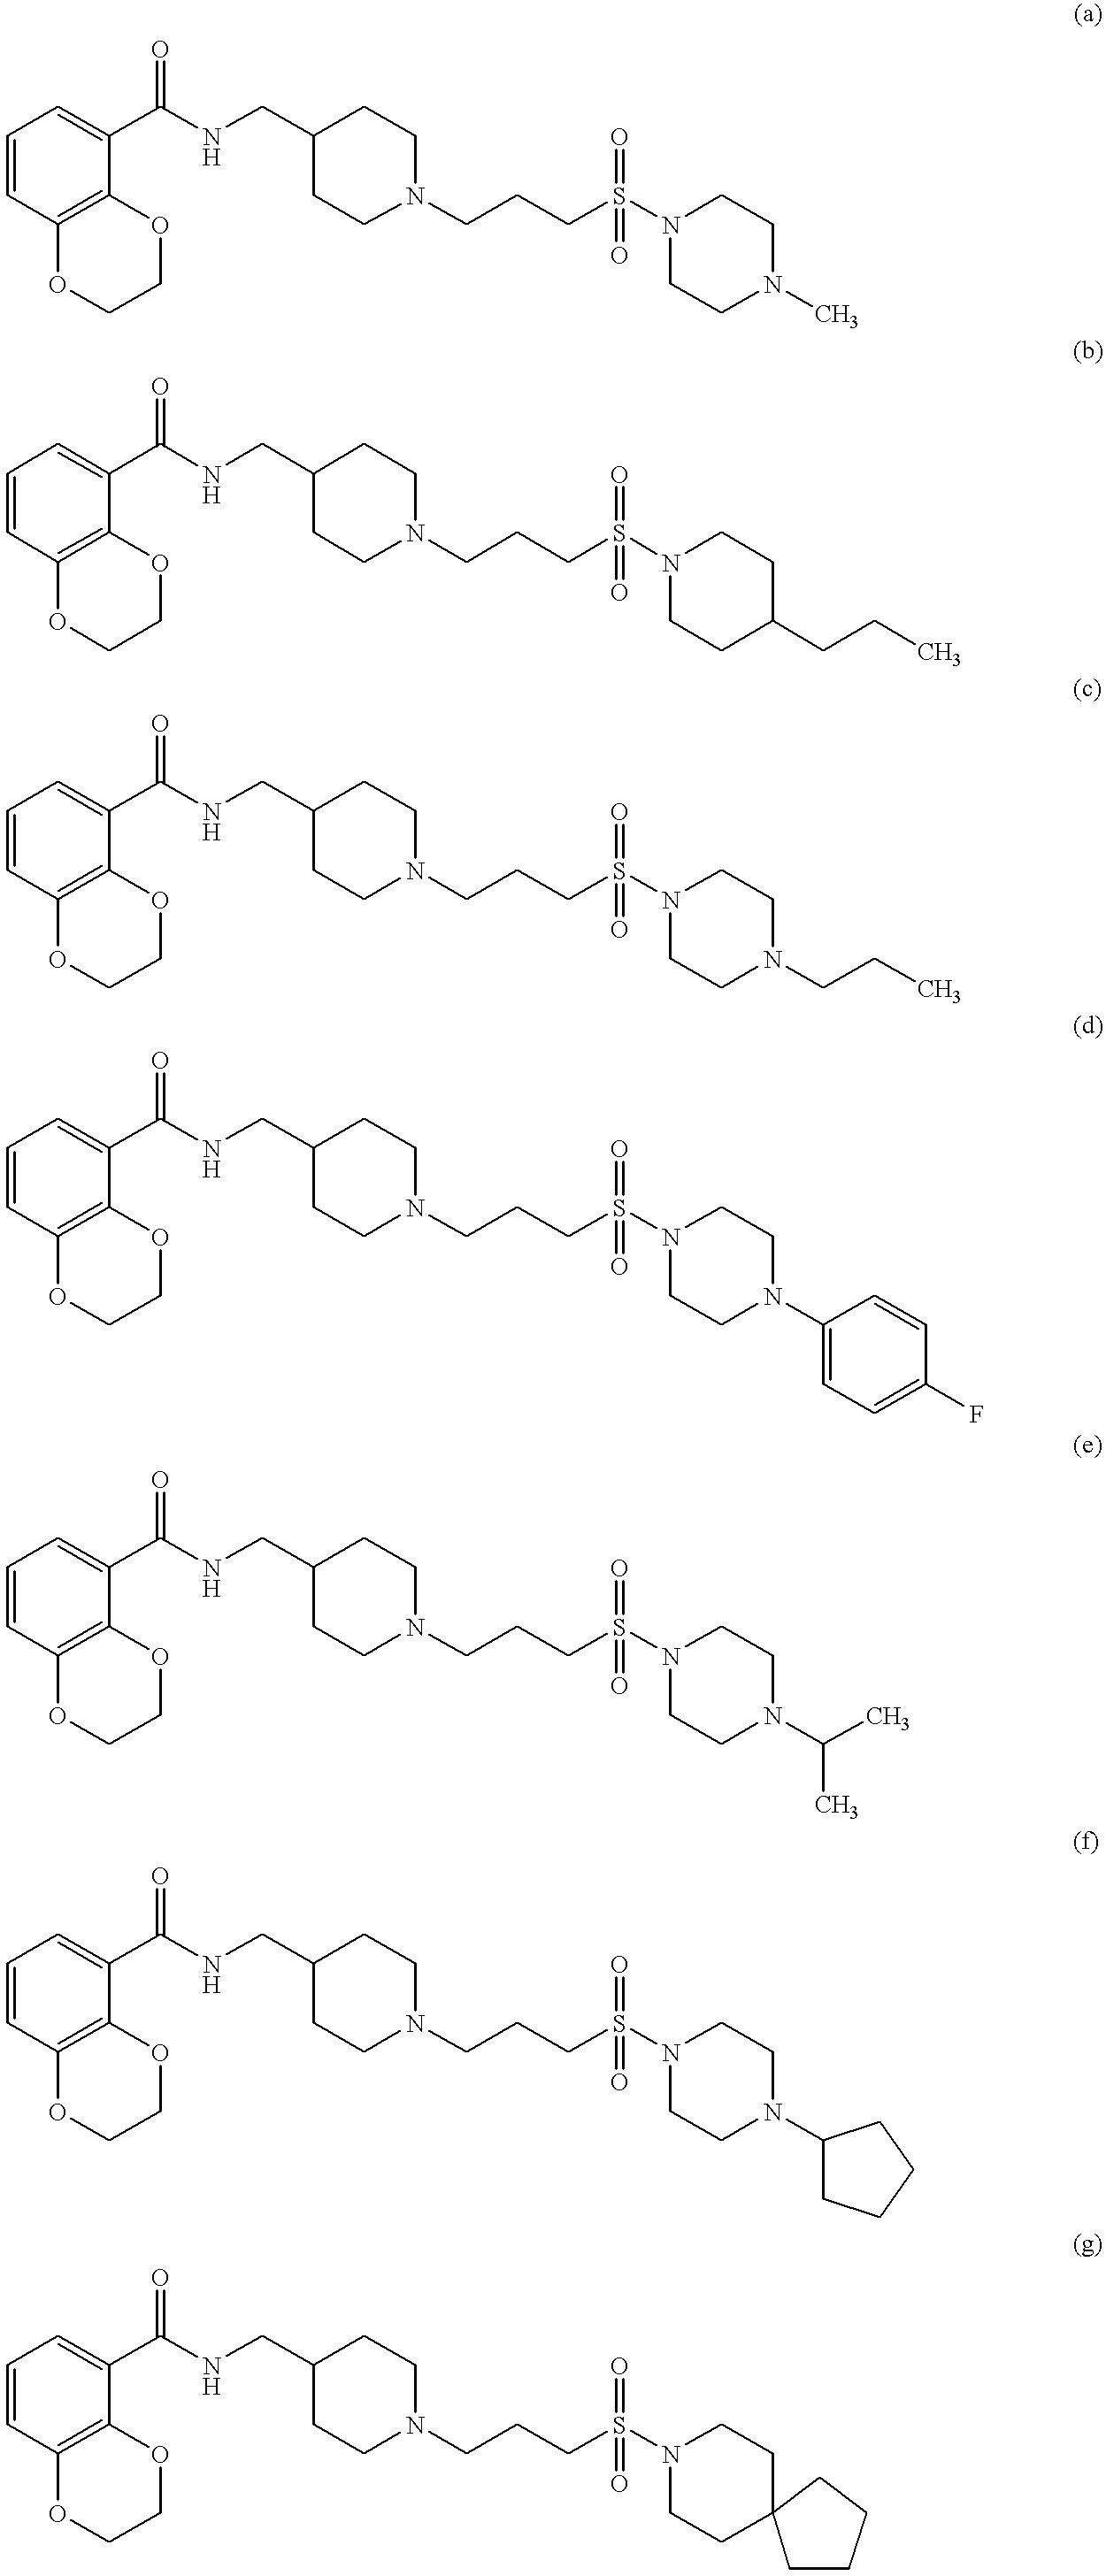 Figure US06172062-20010109-C00026